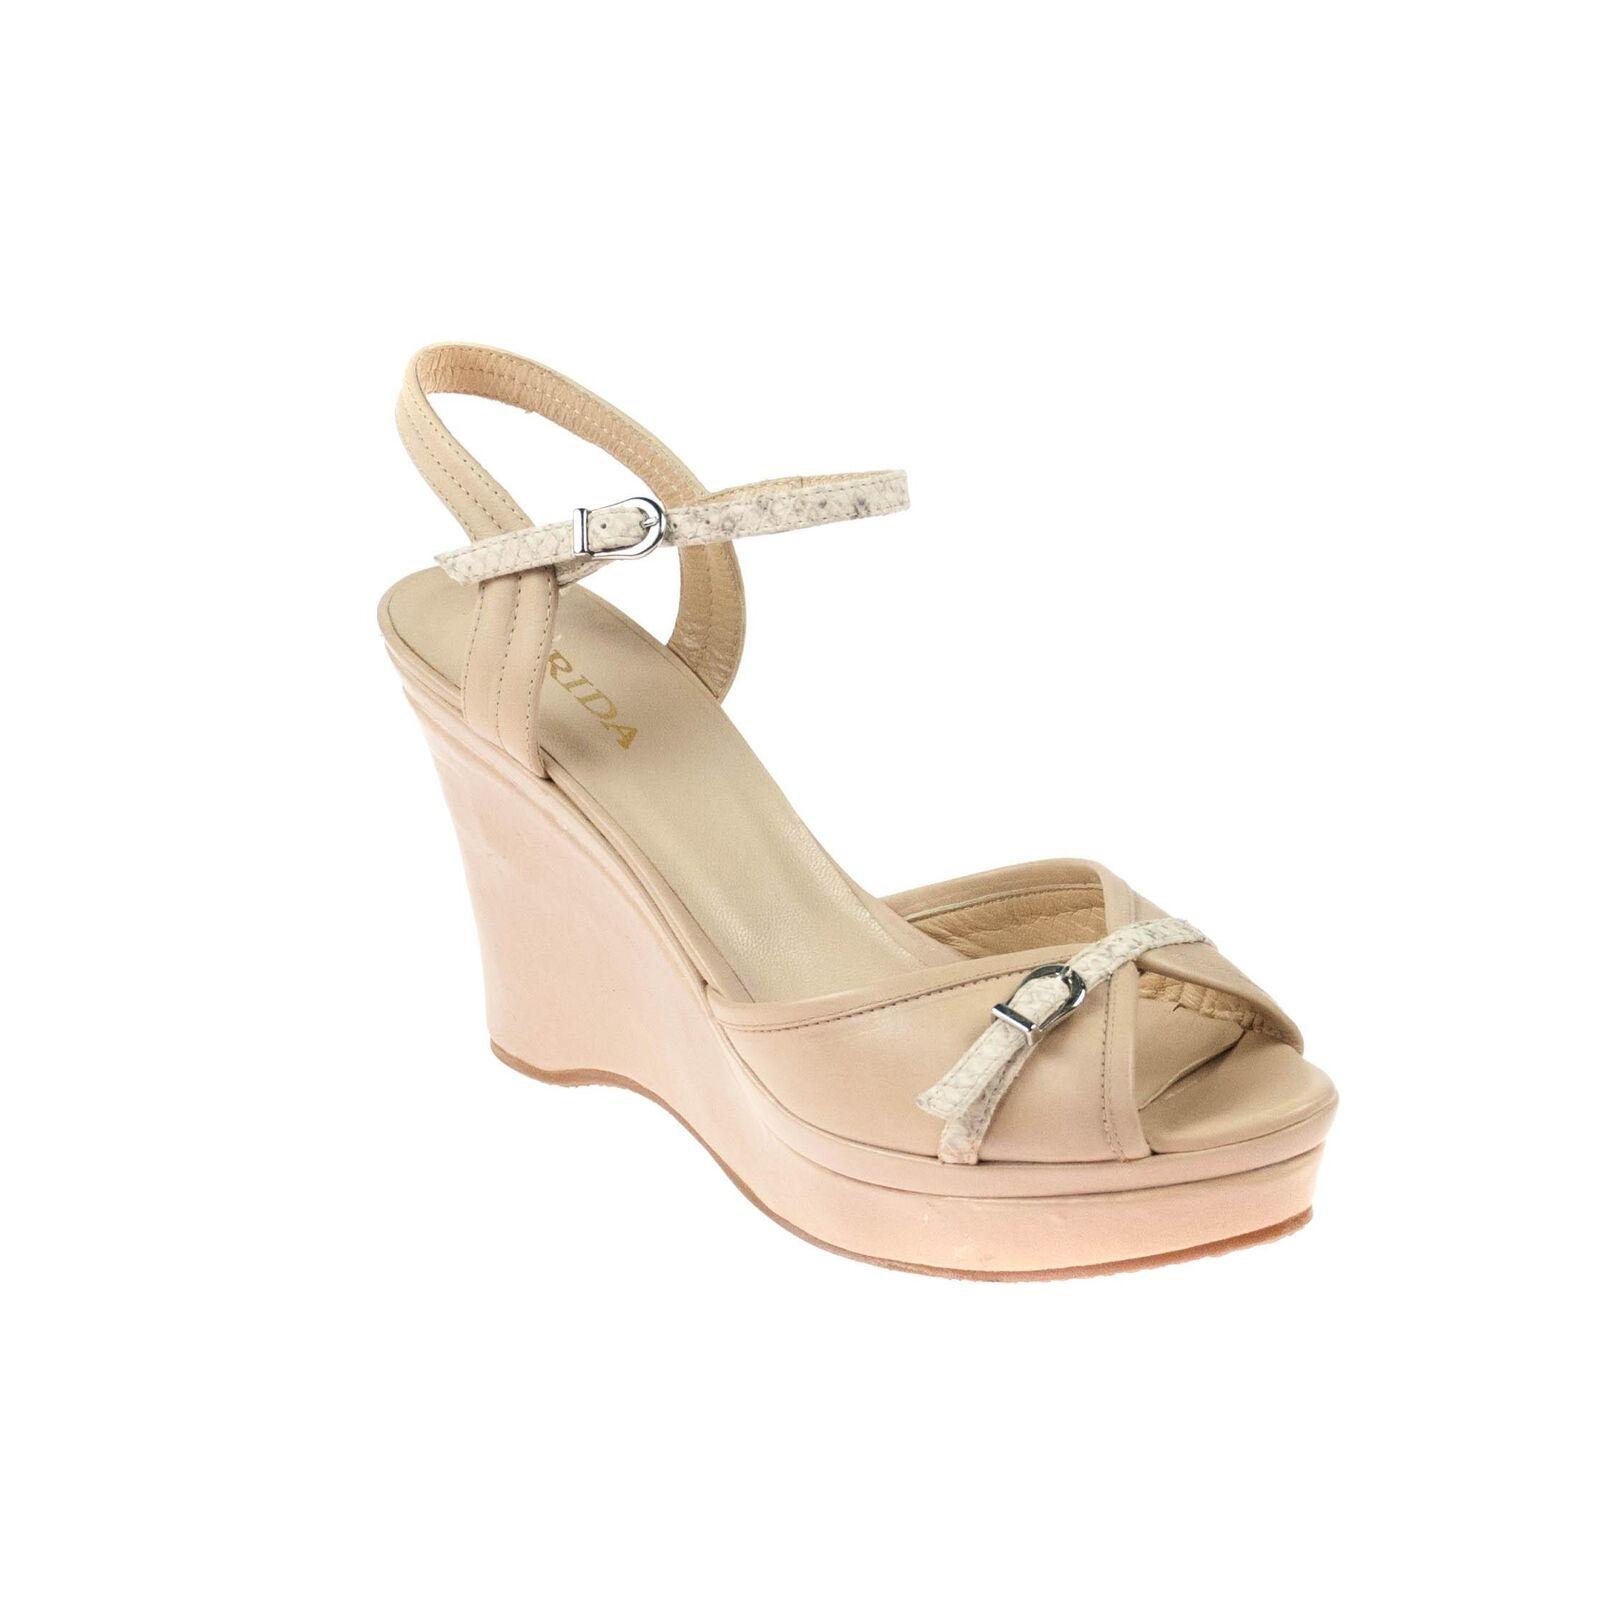 ordinare on-line Frida Donna Donna Donna zeppa sandali zeppe in pelle beige  all'ingrosso a buon mercato